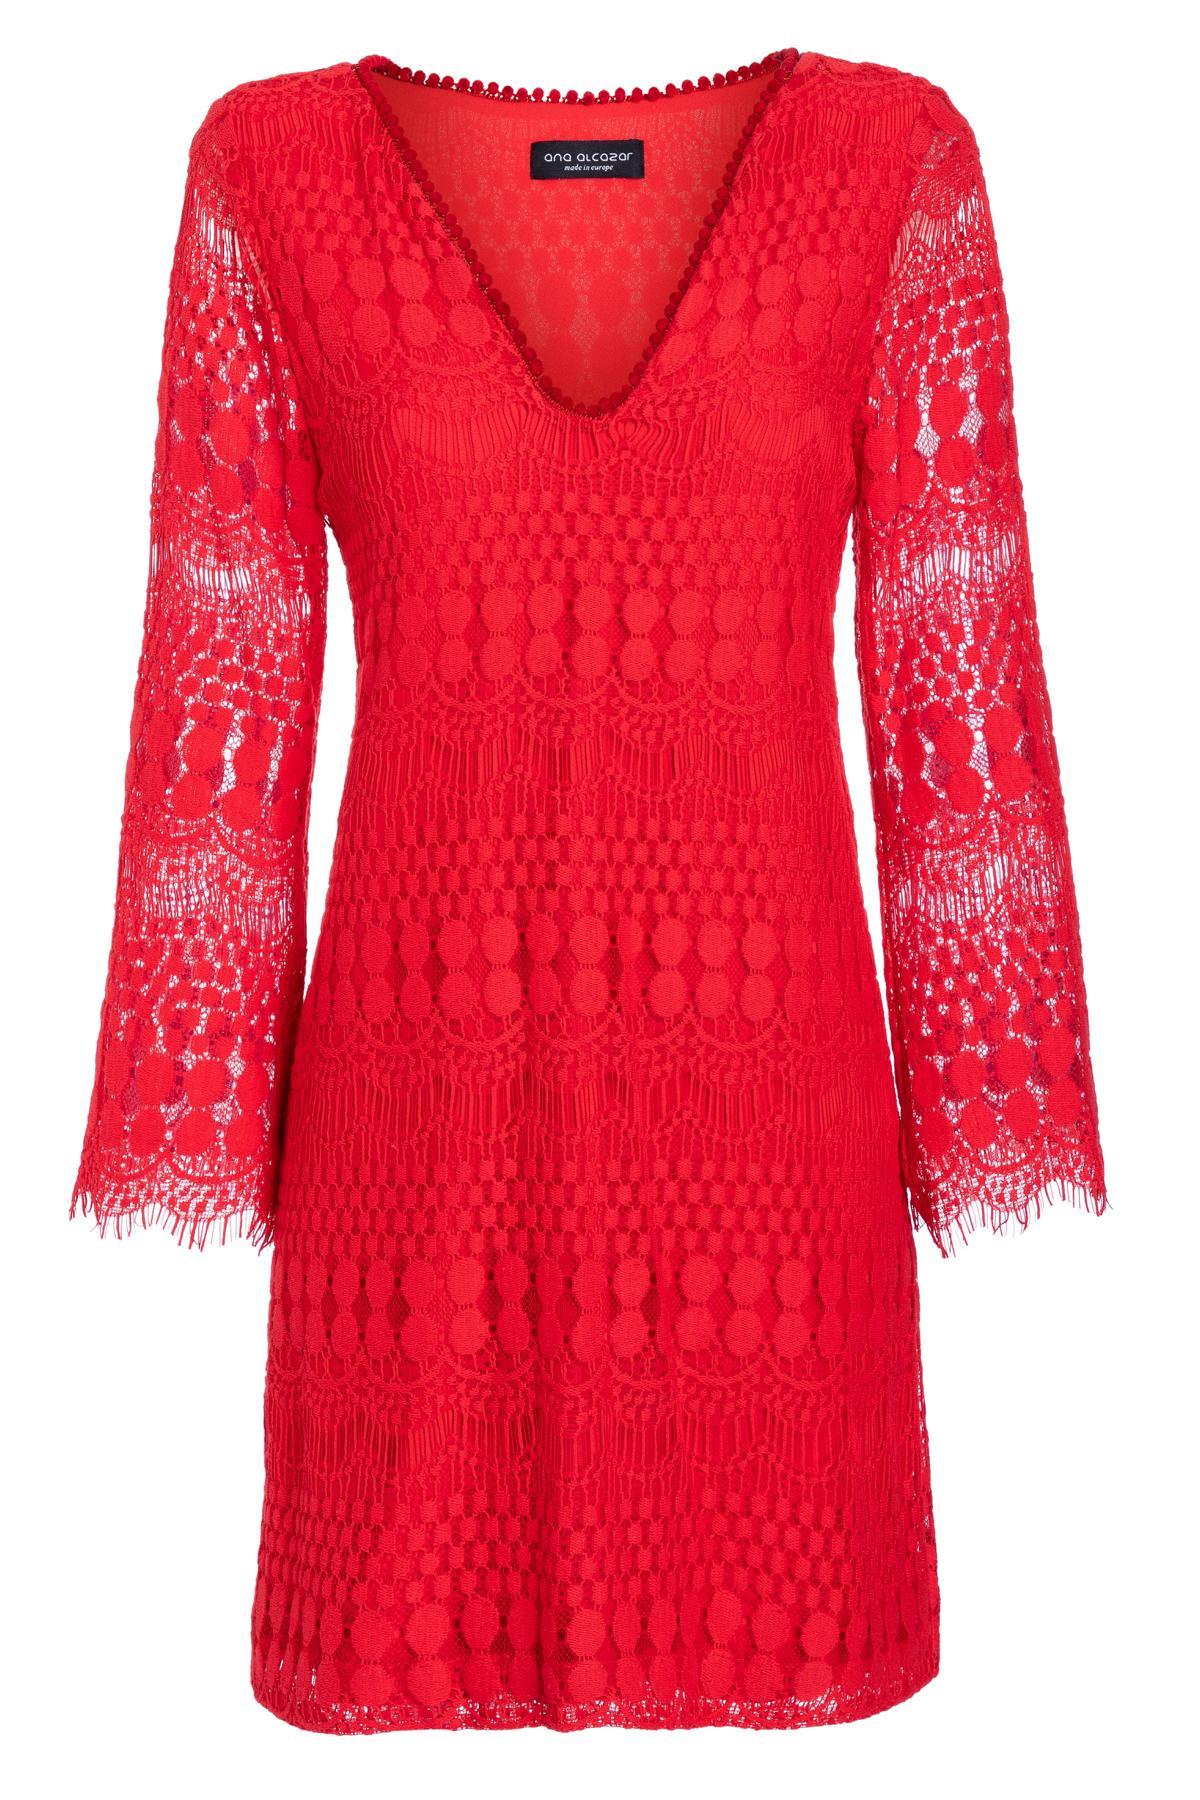 Ana Alcazar Tunic Dress Sanicos Red